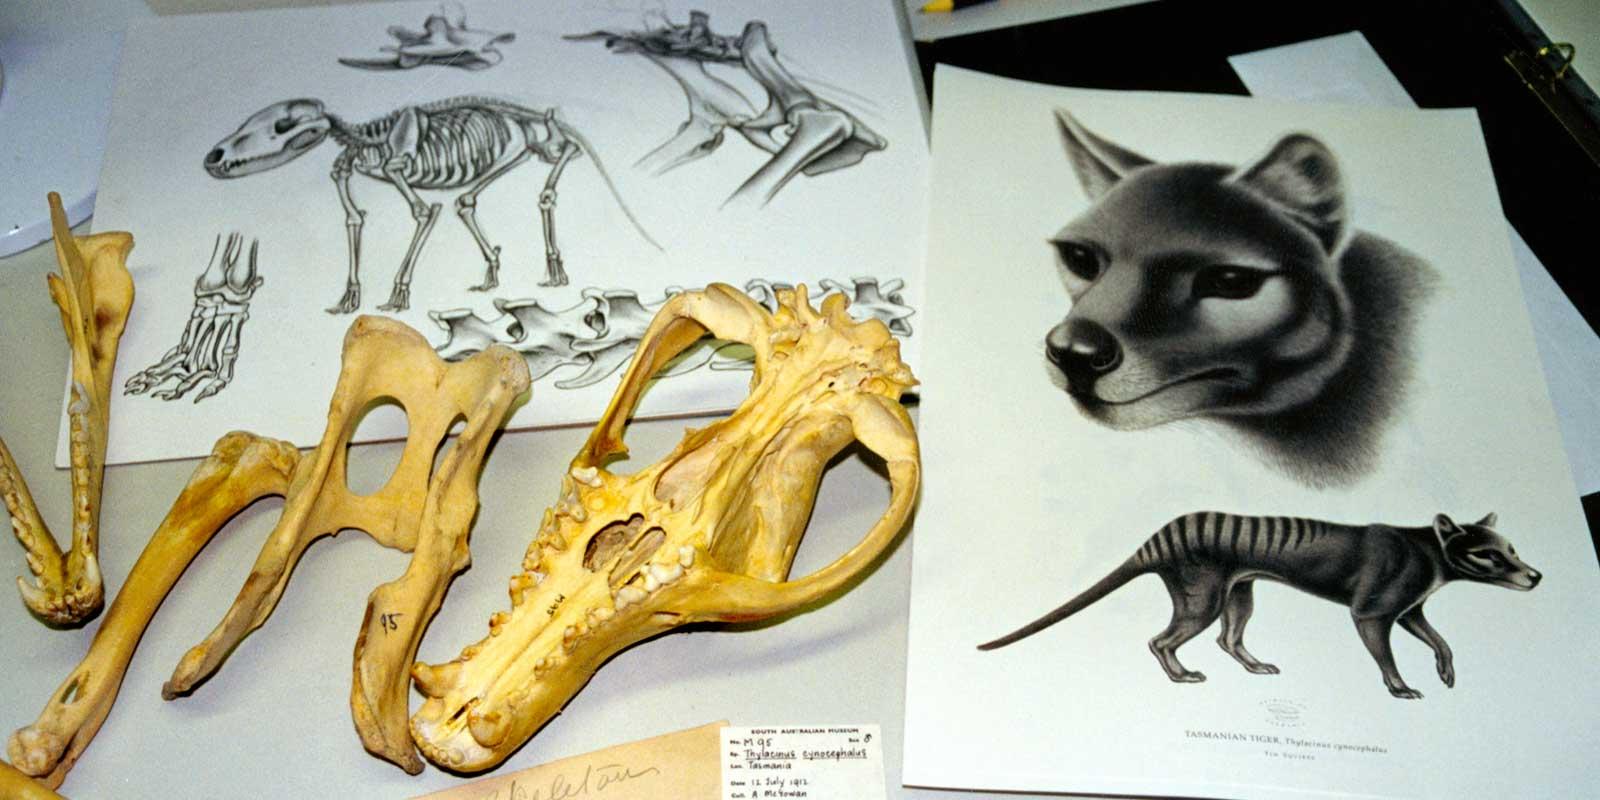 Studies of Tasmanian tiger (thylacine) anatomy by Tim Squires